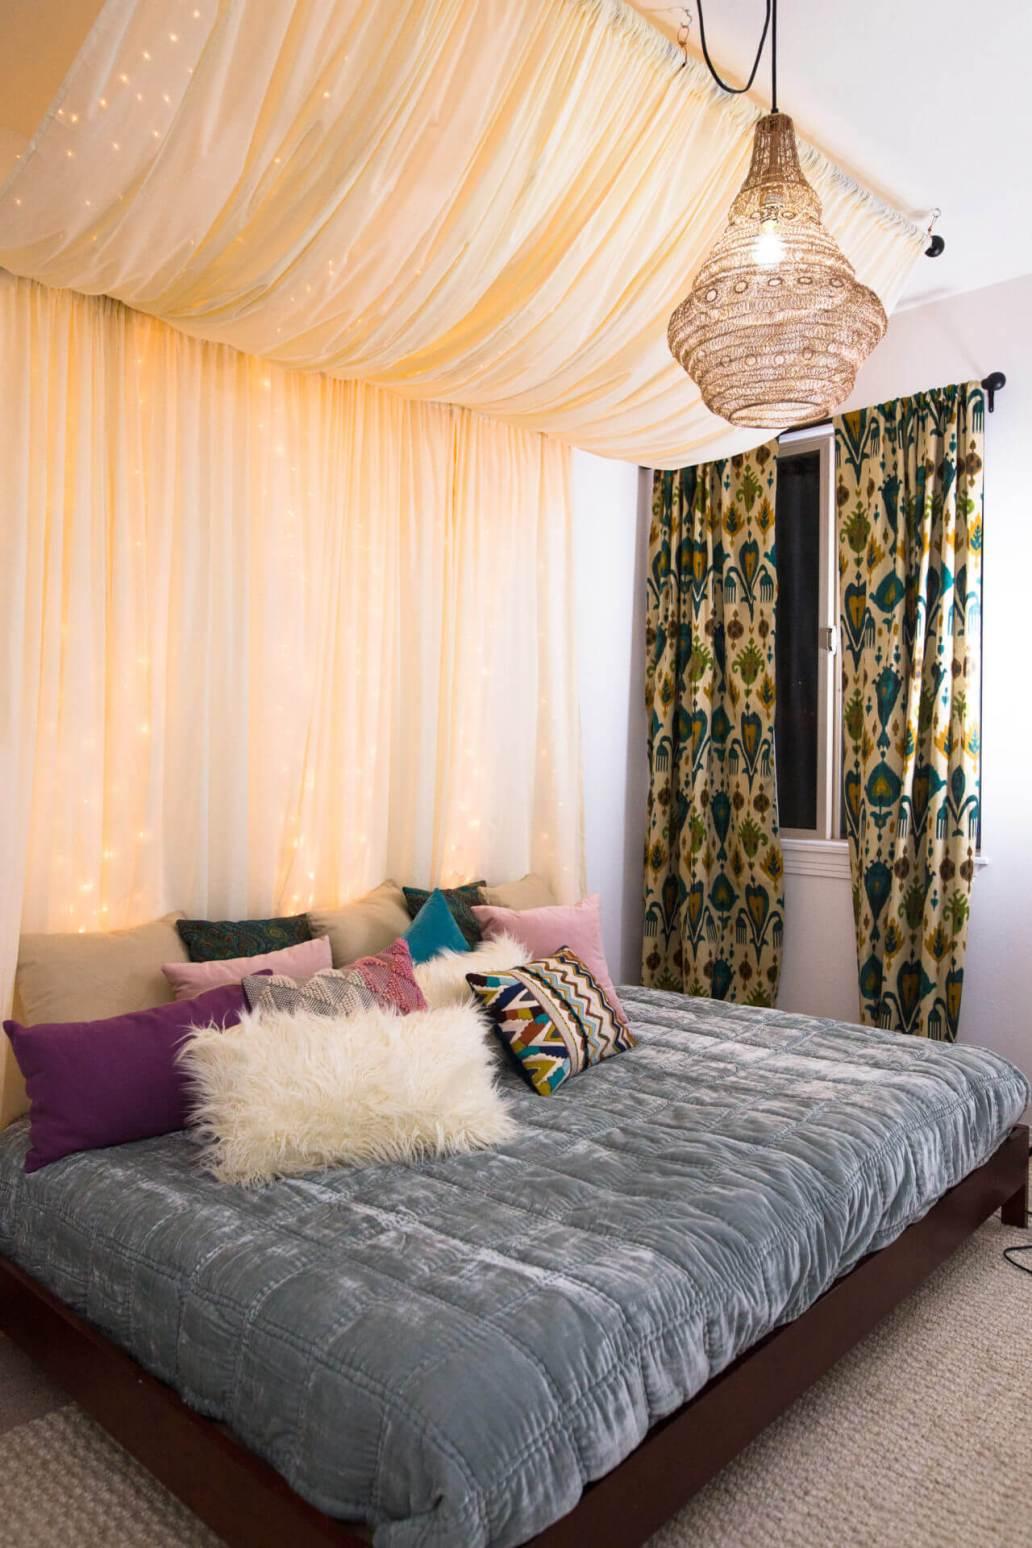 uen tete de lit avec des guirlandes lumineuses - 8 inspirations DIY pour fabriquer une tête de lit